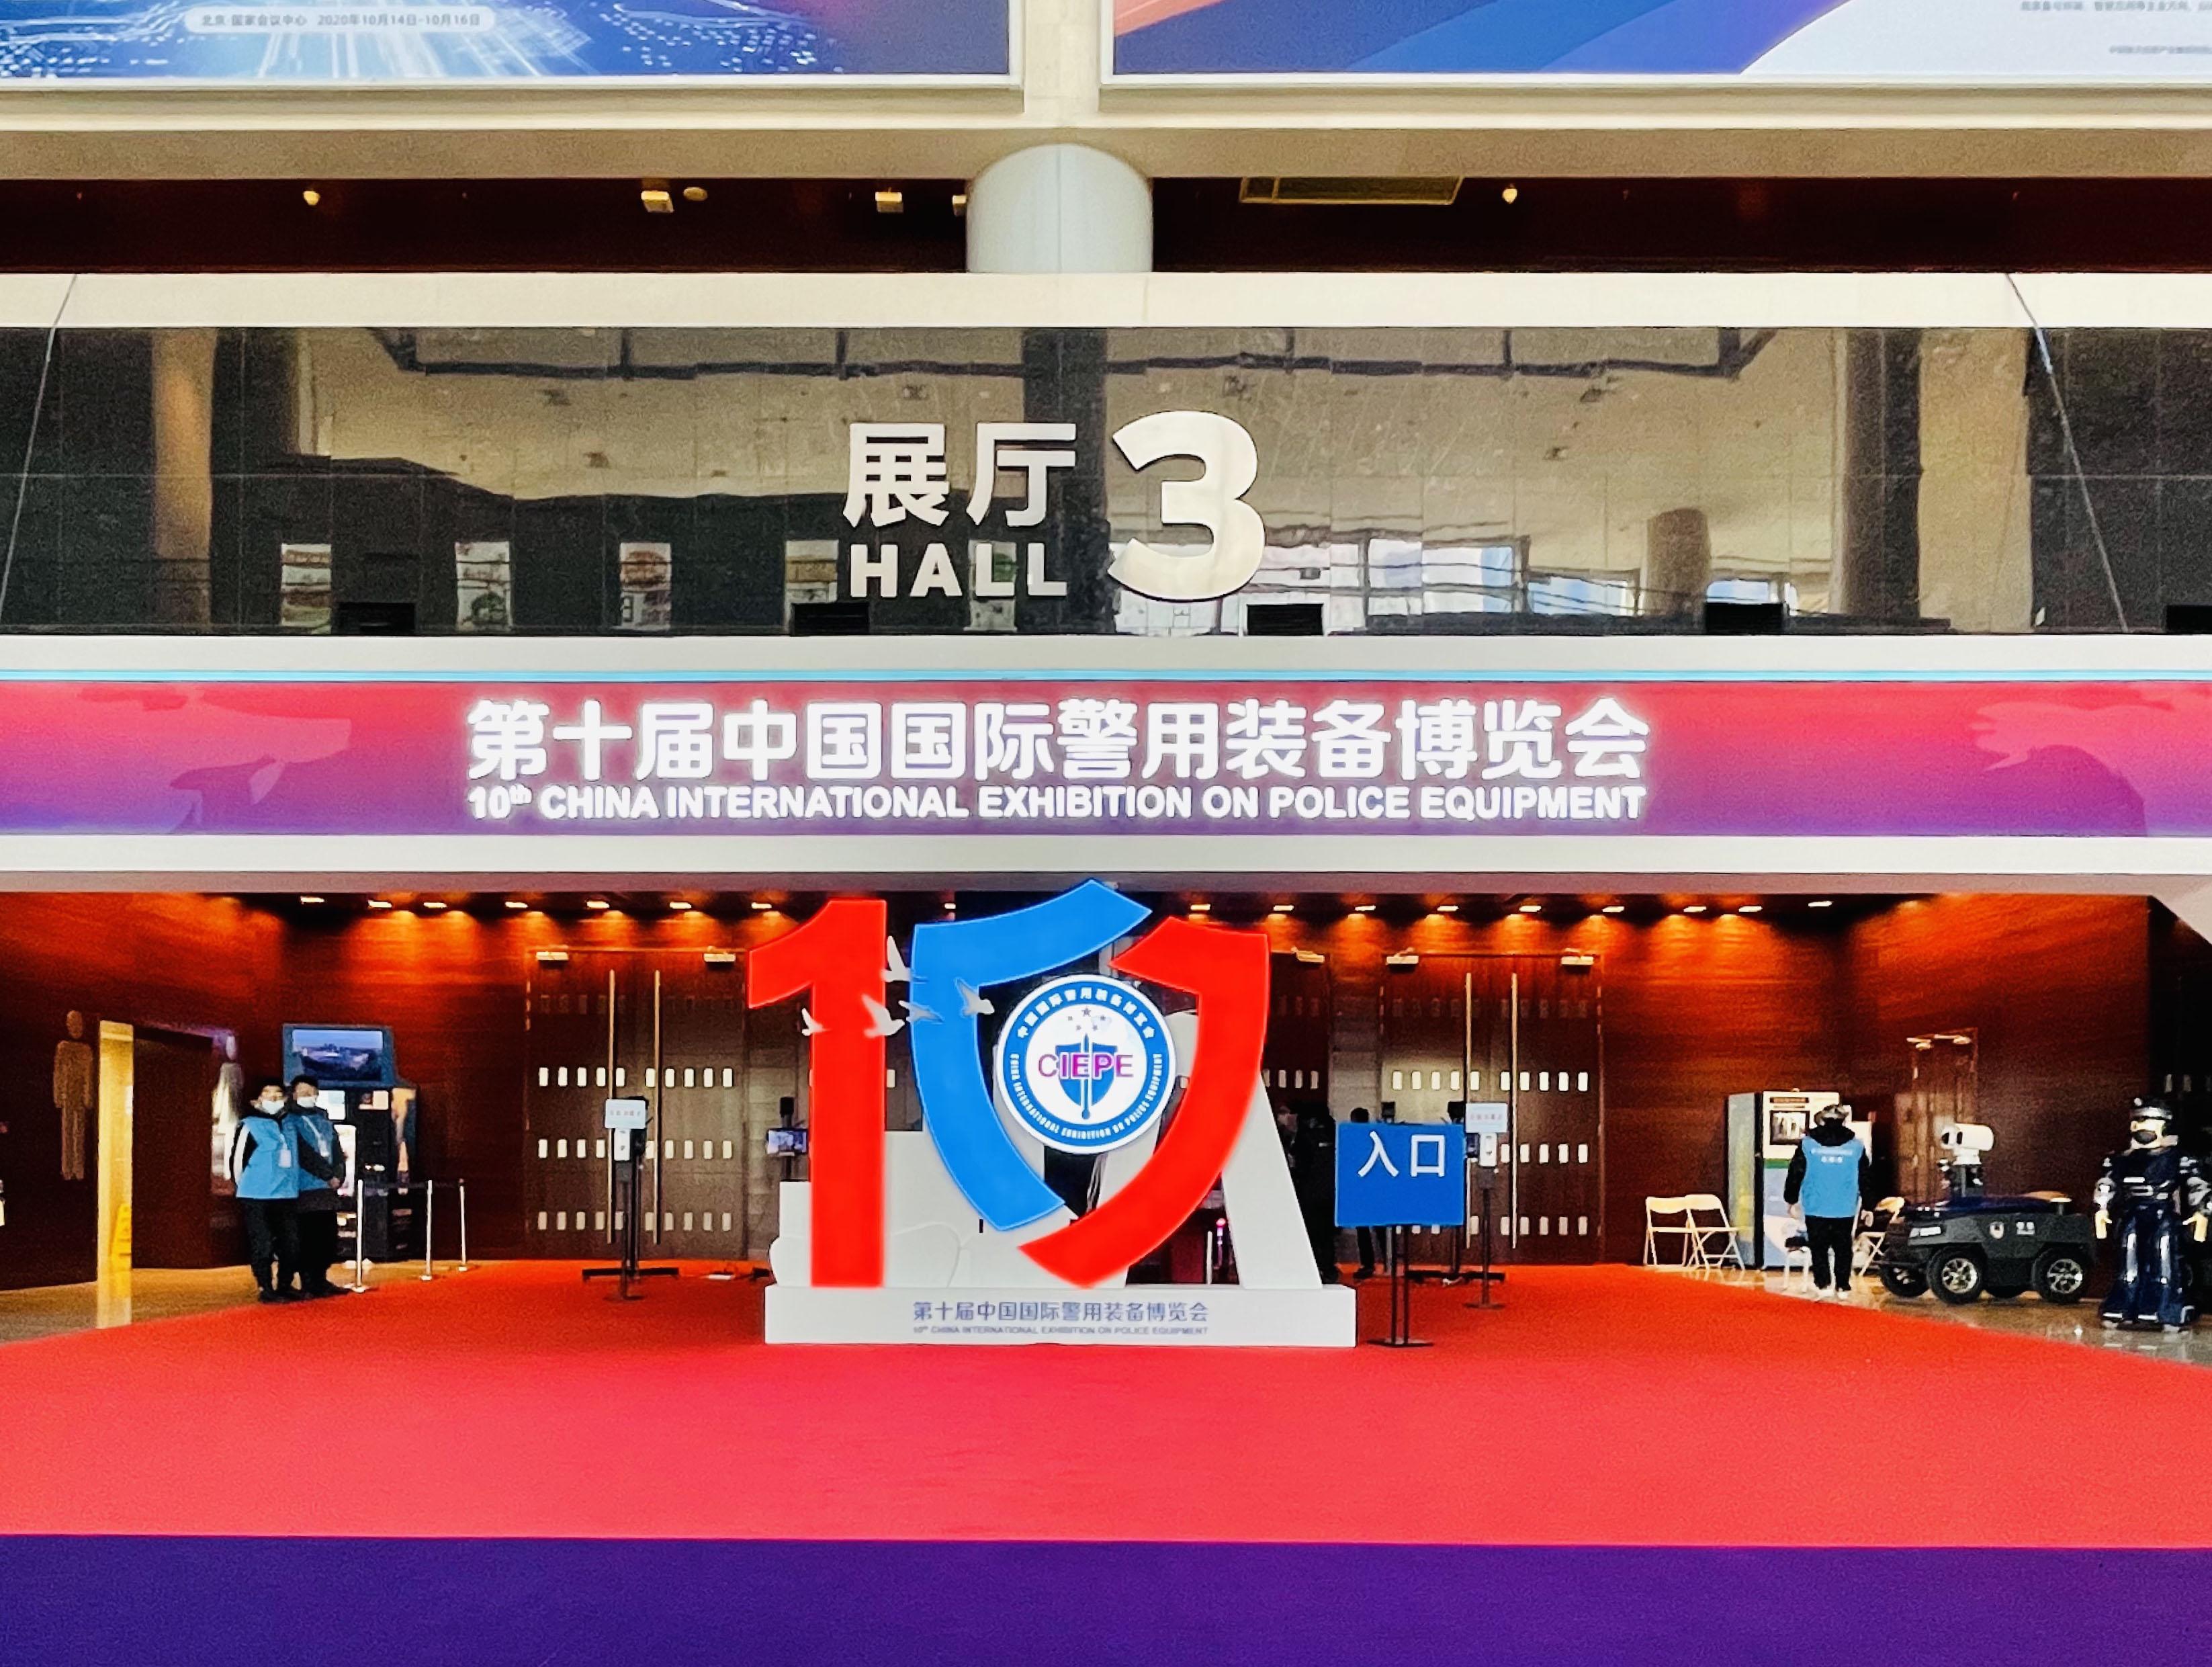 第十届警博会成功举办|CTID平台赋能新时代智慧警务!